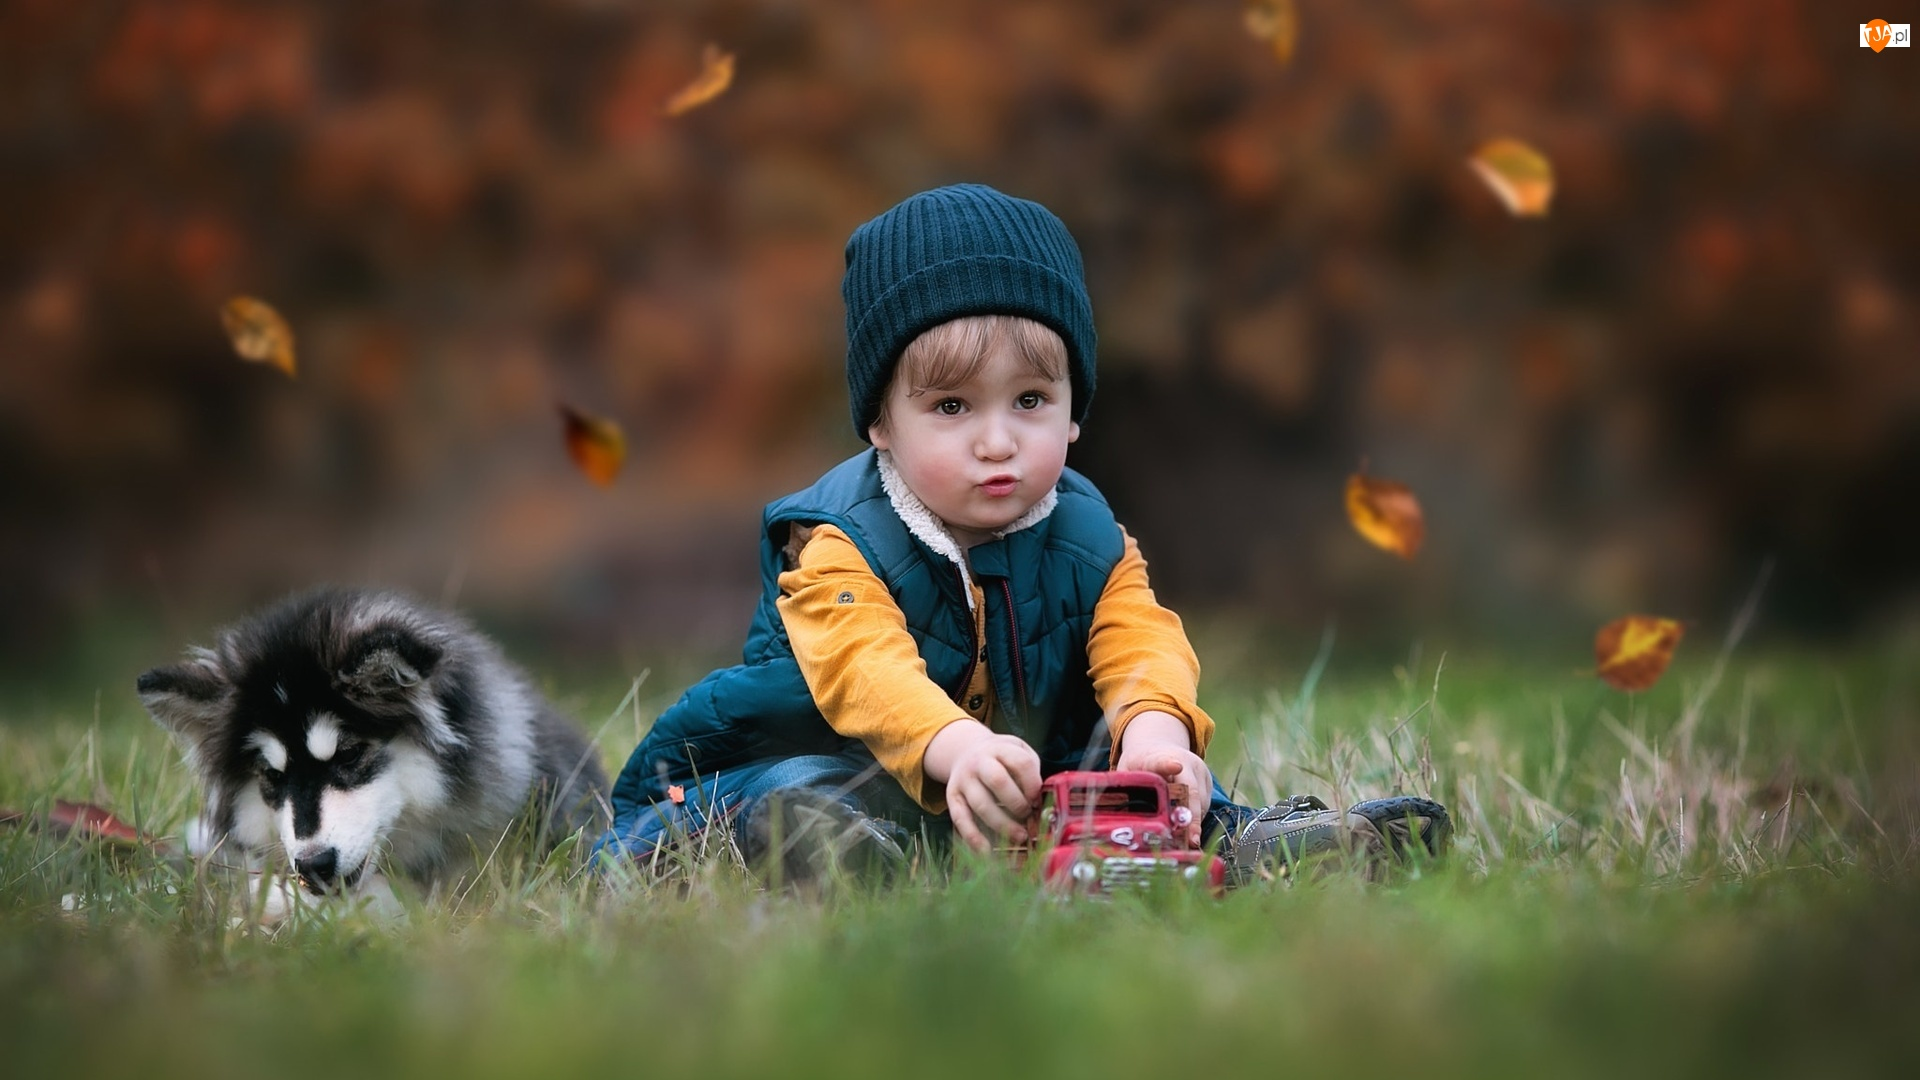 Alaskan Malamute, Pies, Zabawka, Jesień, Chłopczyk, Liście, Dziecko, Trawa, Samochodzik, Szczeniak